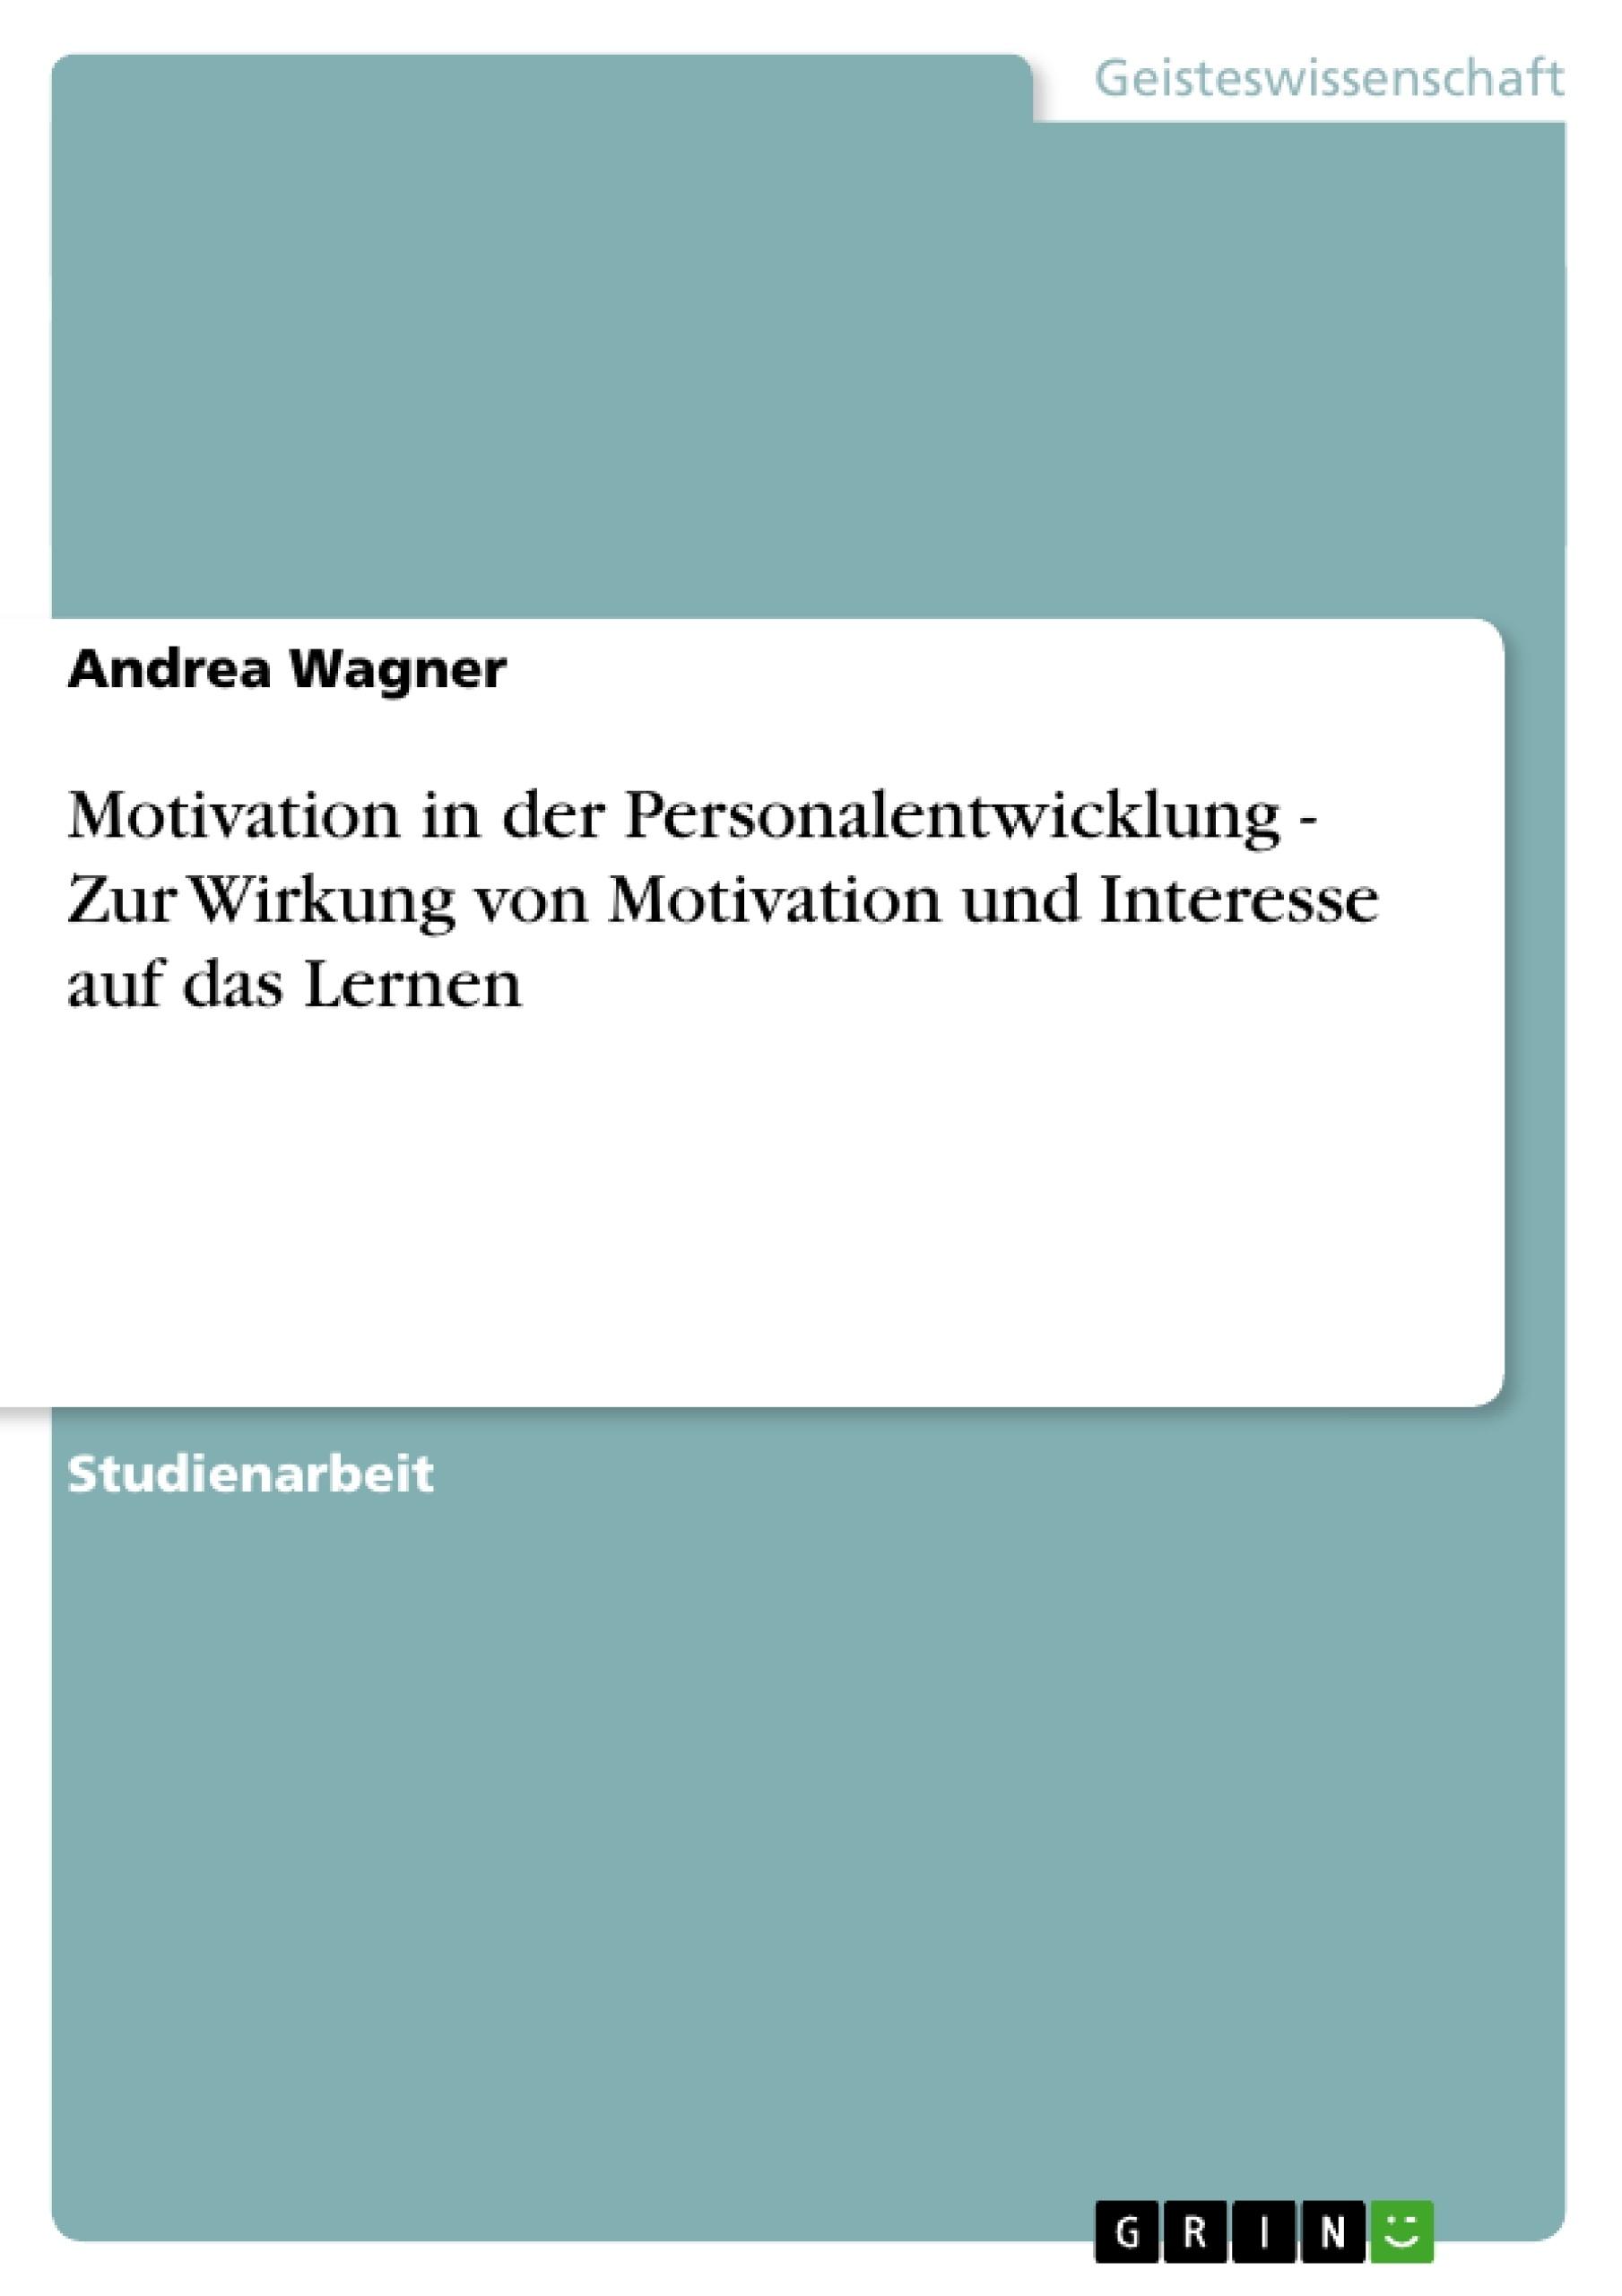 Titel: Motivation in der Personalentwicklung - Zur Wirkung von Motivation und Interesse auf das Lernen